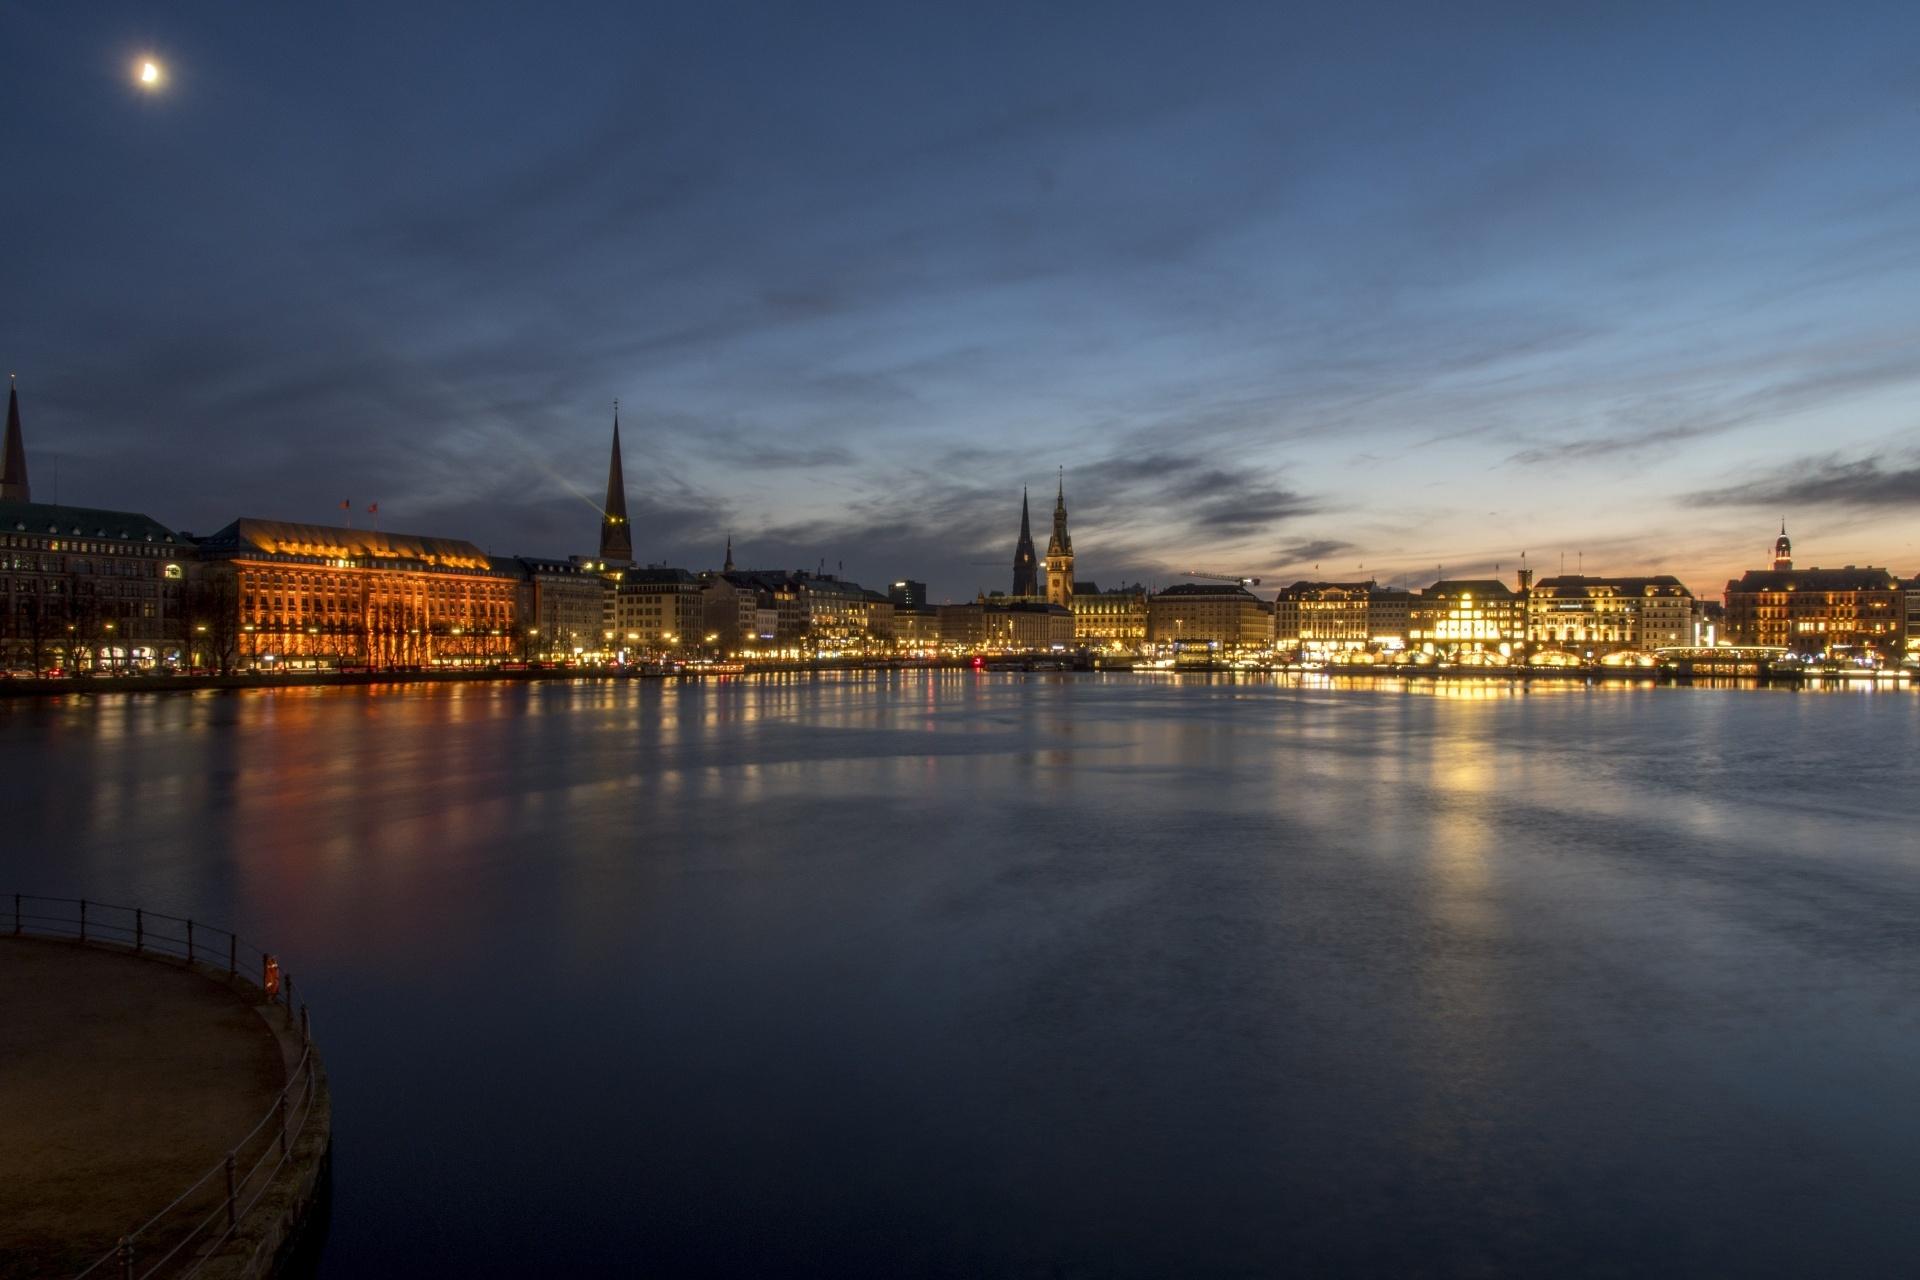 アルスター湖と夜のハンブルクの風景 ドイツの風景